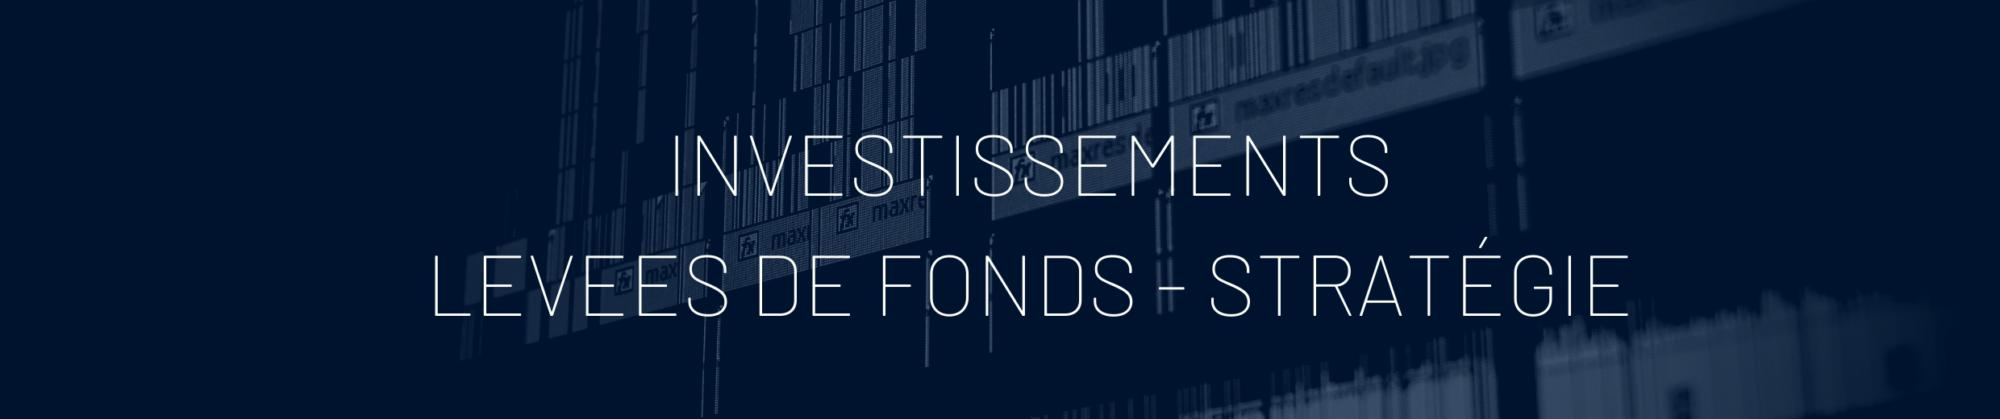 Adoria - Investissements  levées de fond et stratégie lorsque l'on est positionné sur un marché de niche...